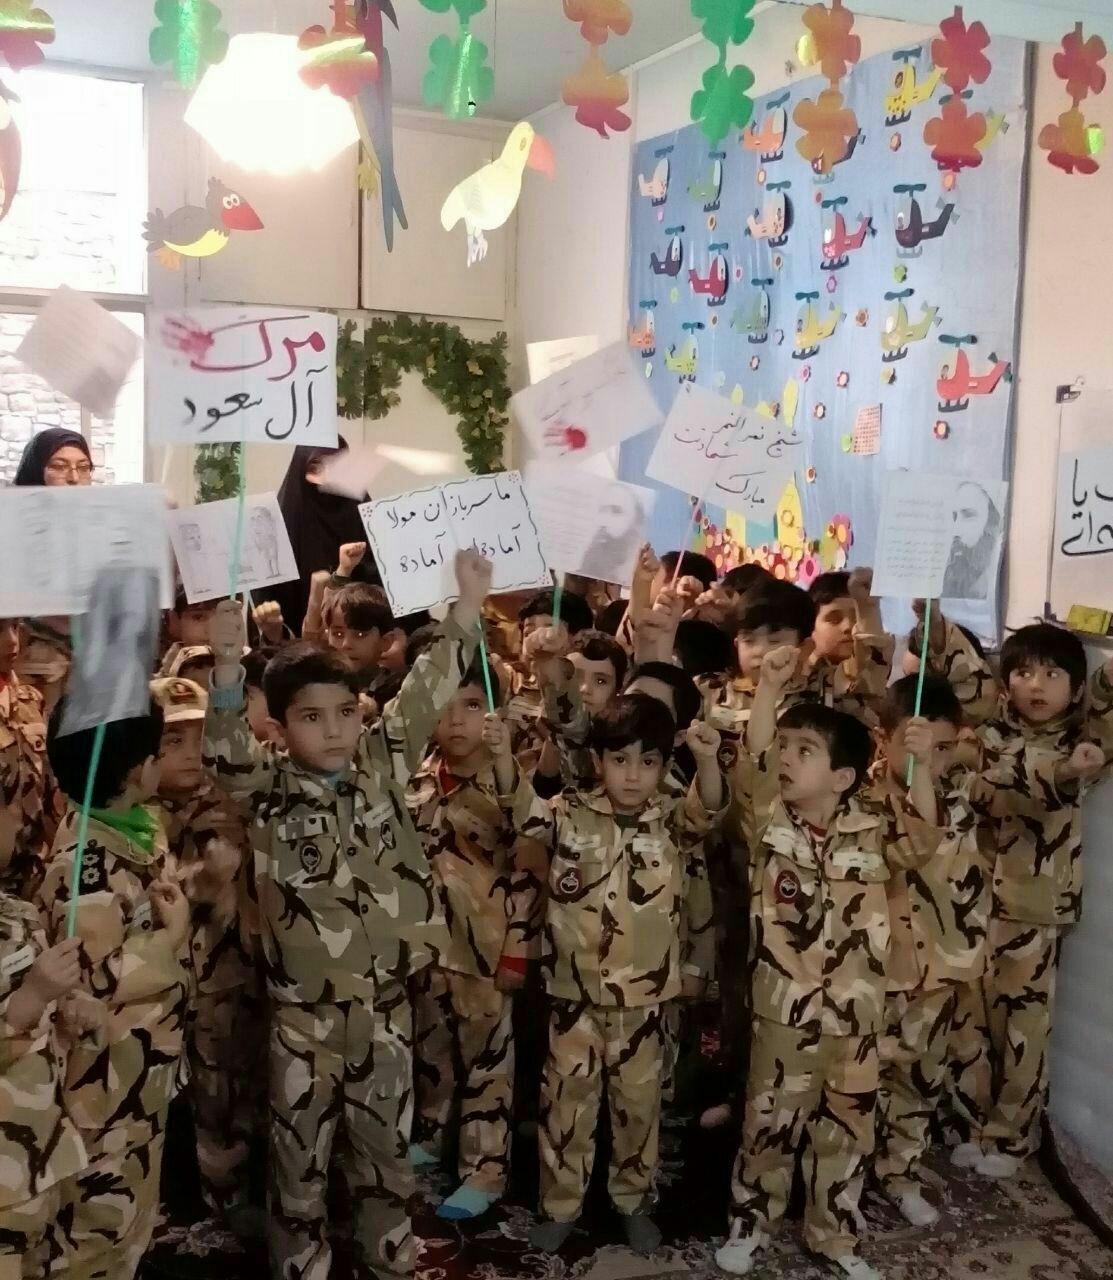 مهدکودکی در مشهد و تظاهرات کودکان به عربستان (عکس)